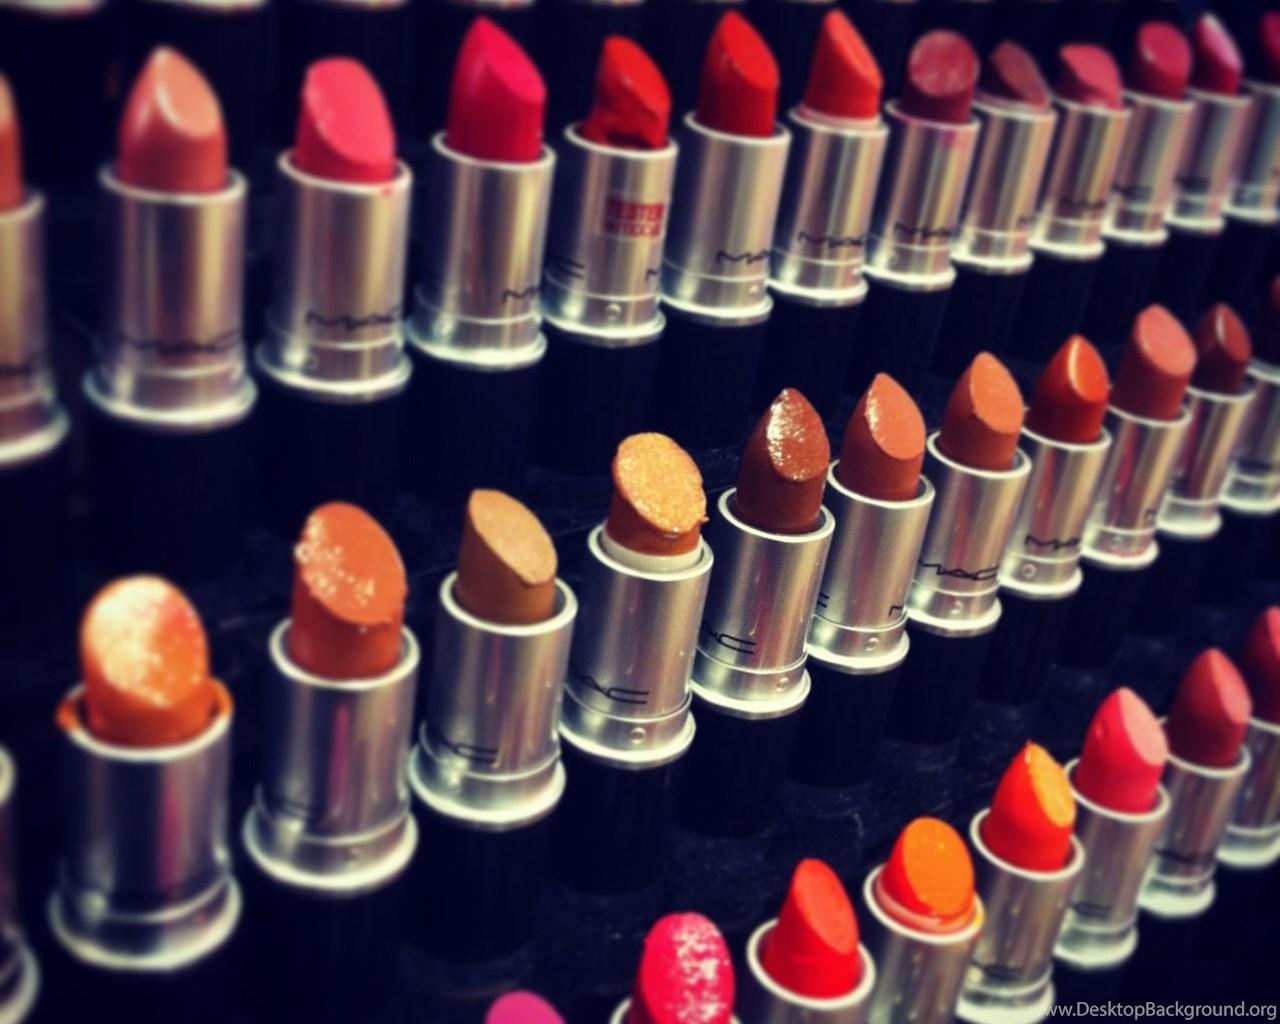 Mac Makeup Wallpapers Desktop Background